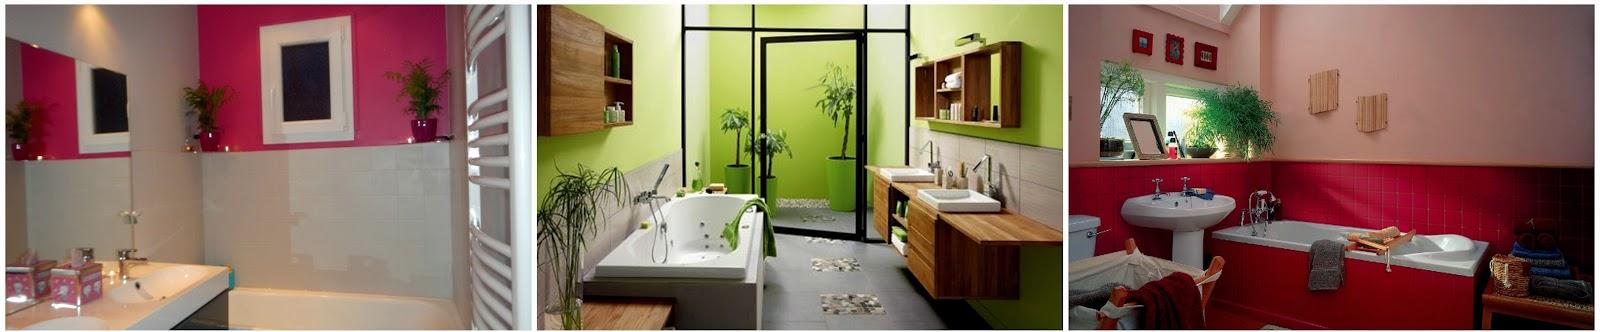 estimation artisan peintre salle de bain paris peintre professionnel cesu. Black Bedroom Furniture Sets. Home Design Ideas